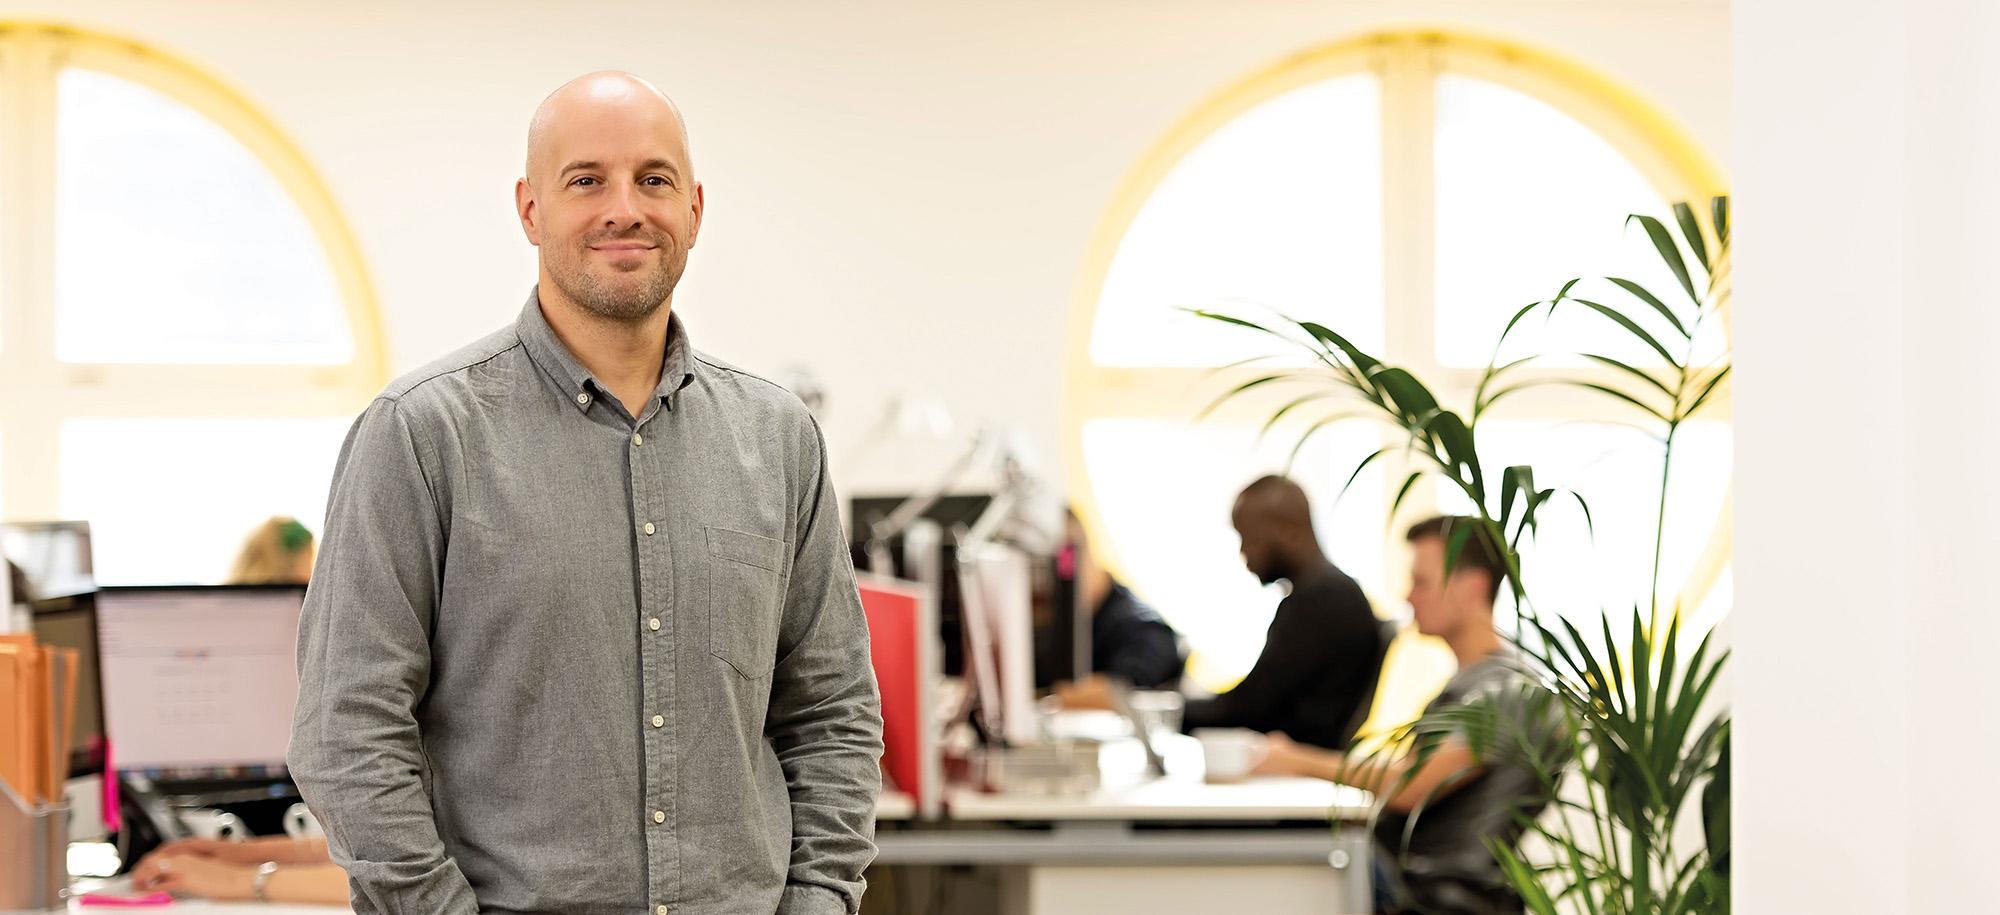 Matt King - Digital Development Director